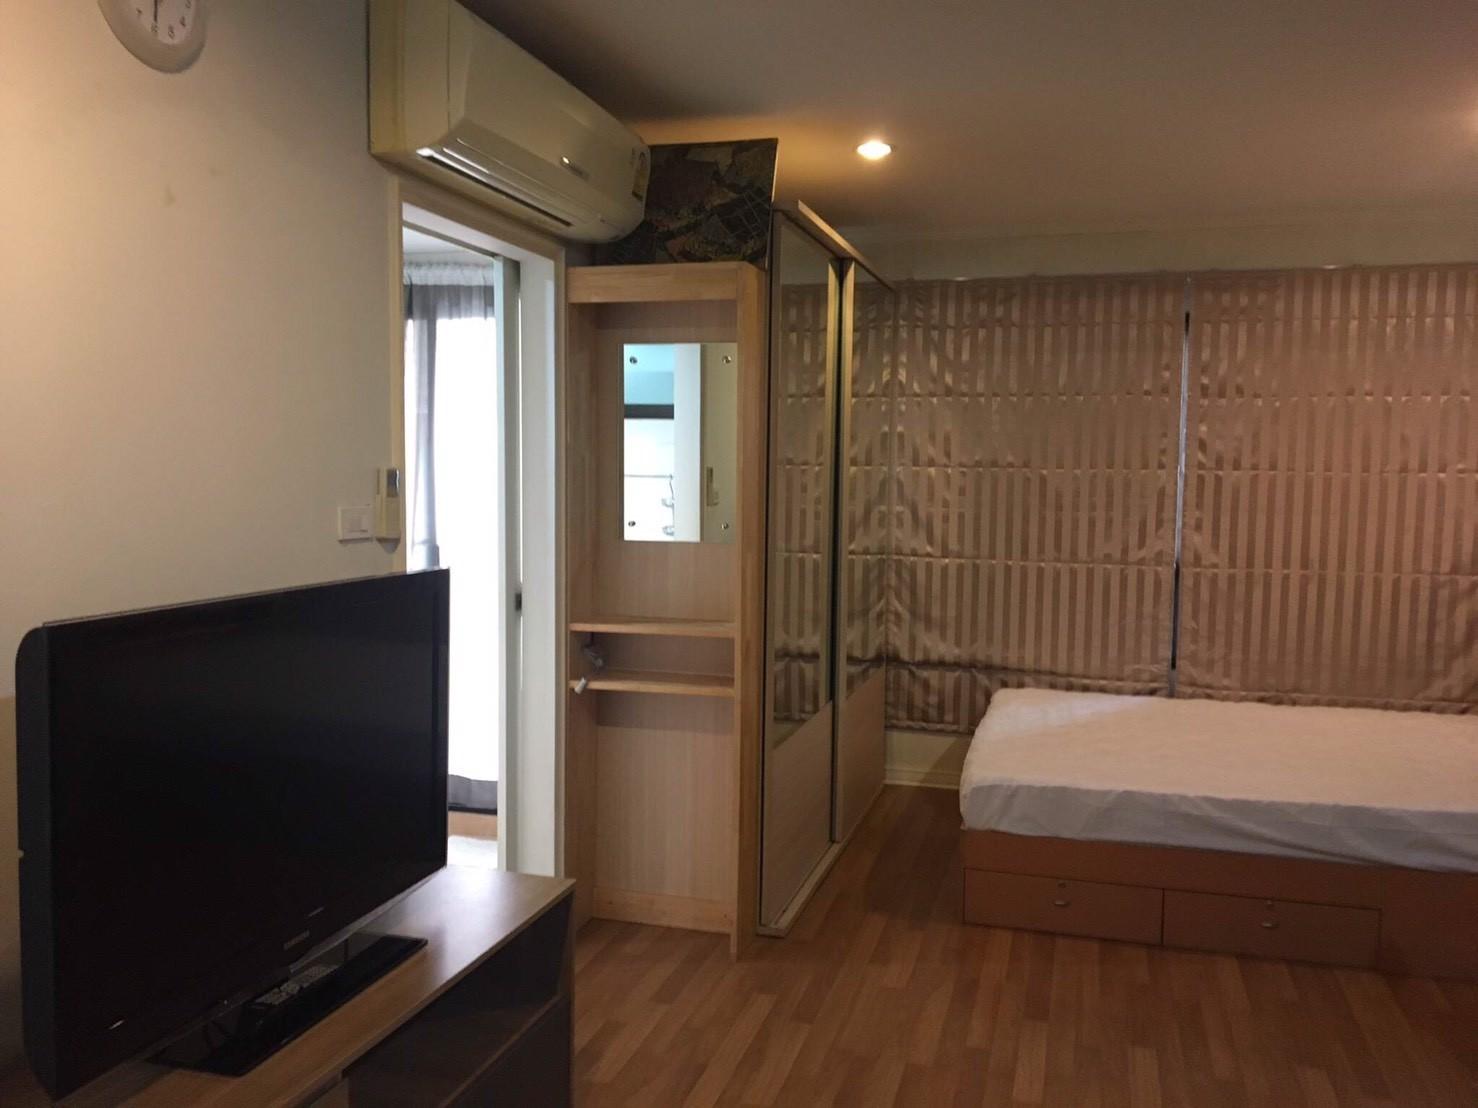 ให้เช่าคอนโด Lumpini Place Phahol-Saphankhwai ลุมพินี เพลส พหล-สะพานควาย ห้องสตูดิโอ